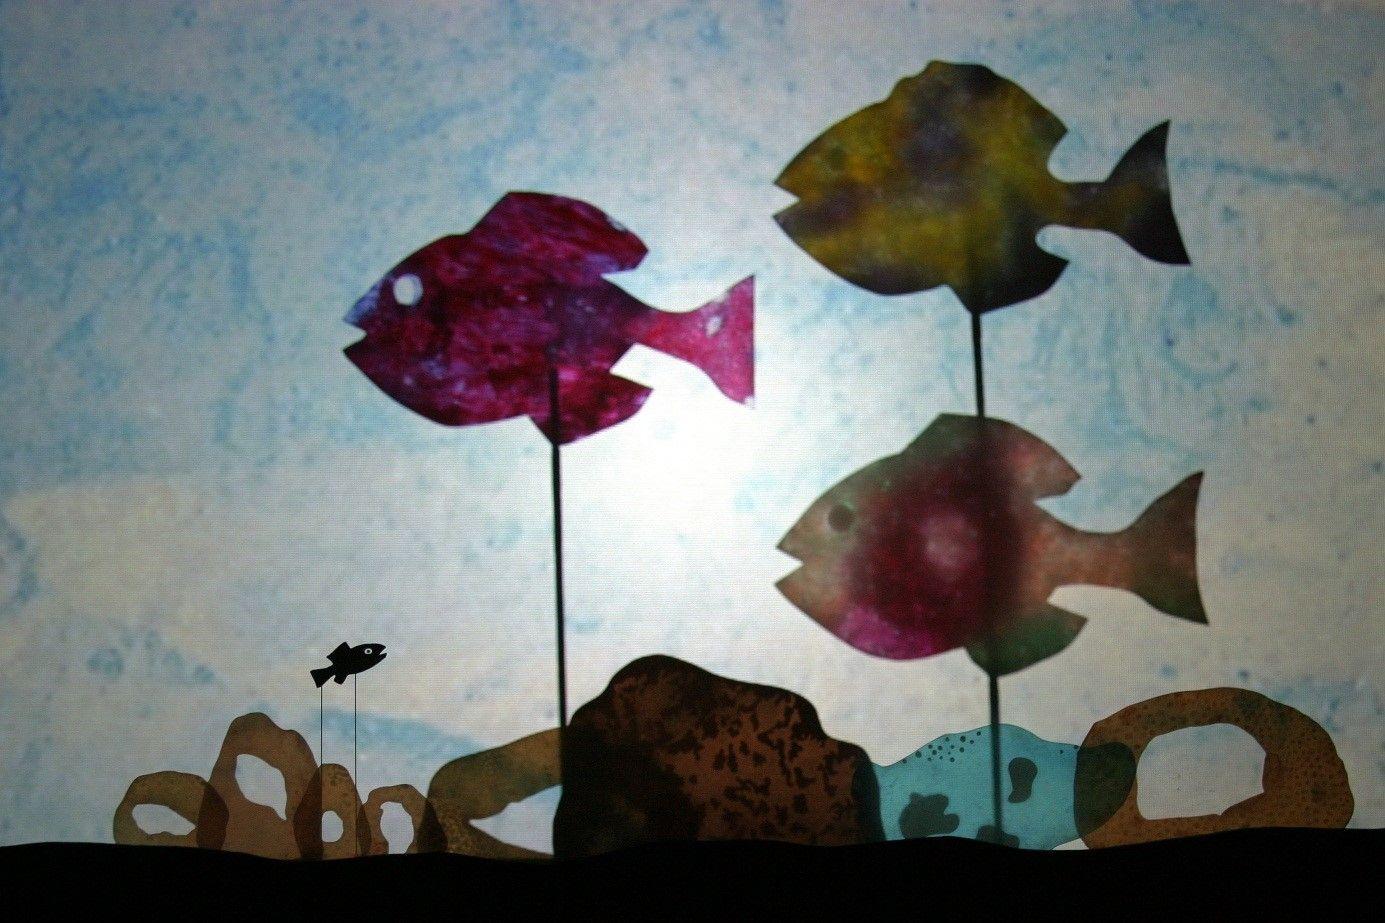 Het Verhaal Over Swimmy Het Zwarte Visje Is Een Bekend